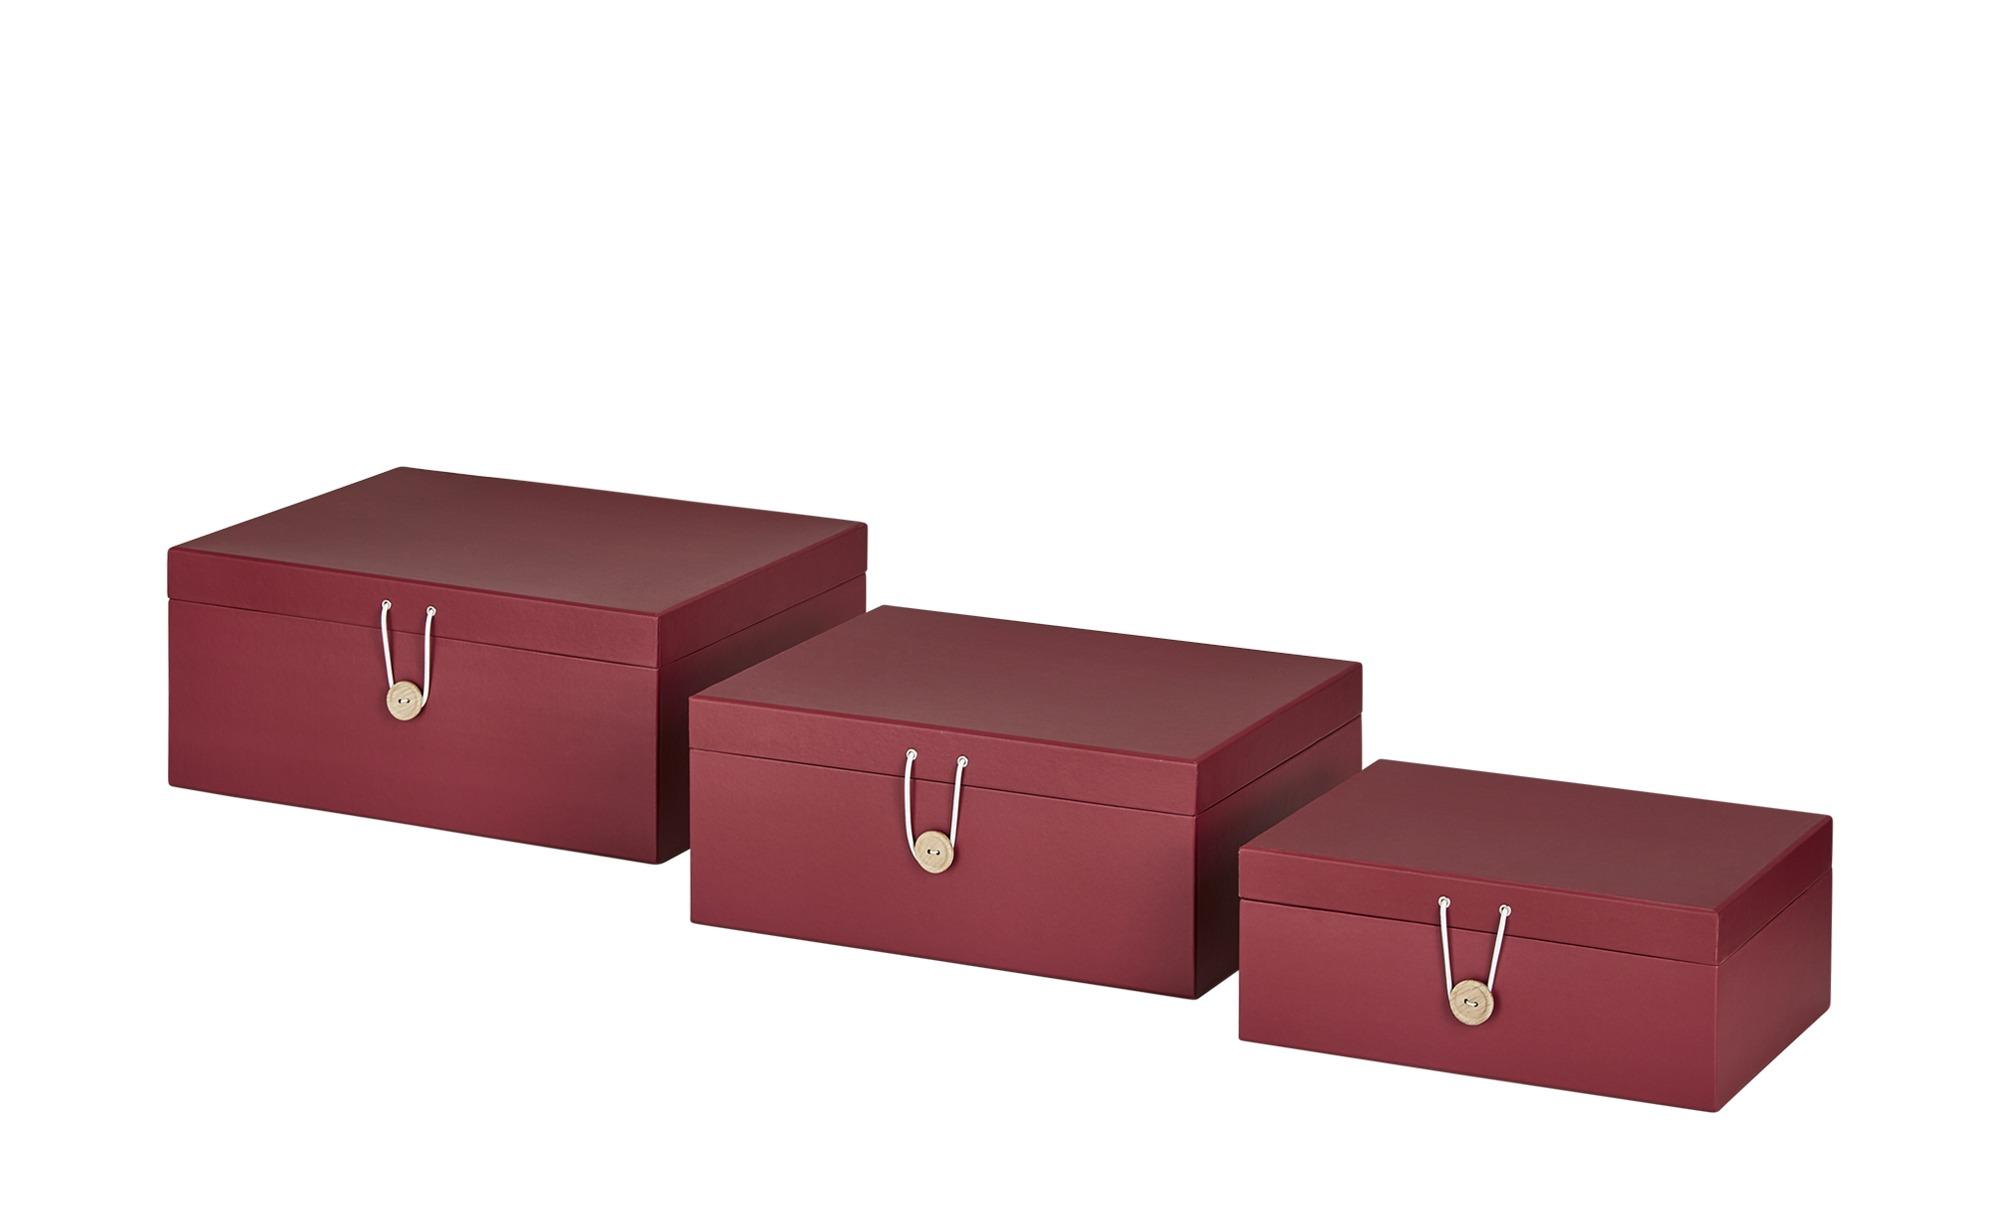 Aufbewahrungsboxen, 3er-Set ¦ rot ¦ Papier ¦ Maße (cm): B: 33,2 H: 14,8 T: 25,2 Regale > Regal-Aufbewahrungsboxen - Höffner